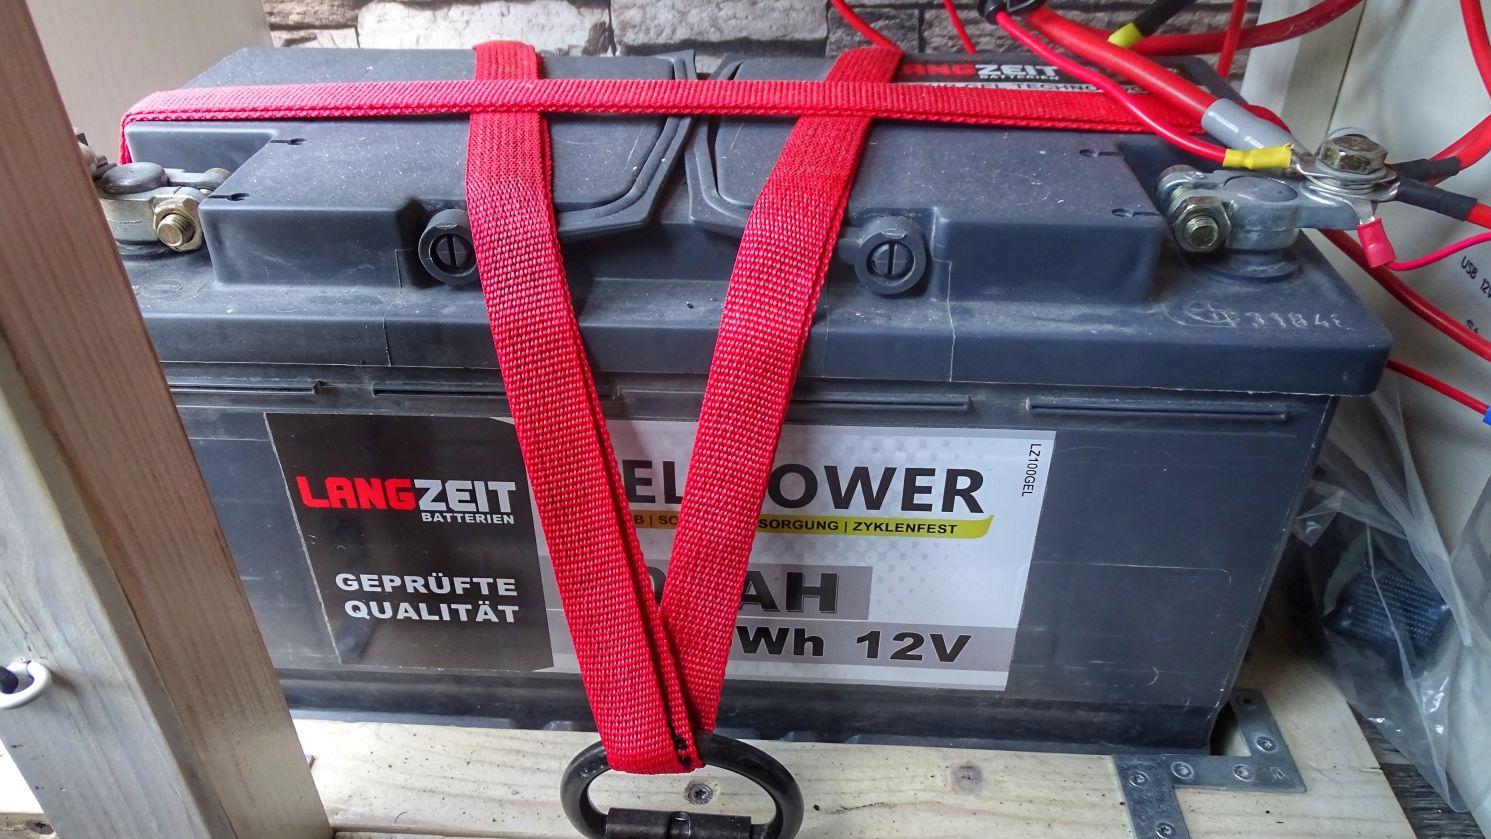 Wohnmobil Stromversorgung über eine Wohnmobil Batterie